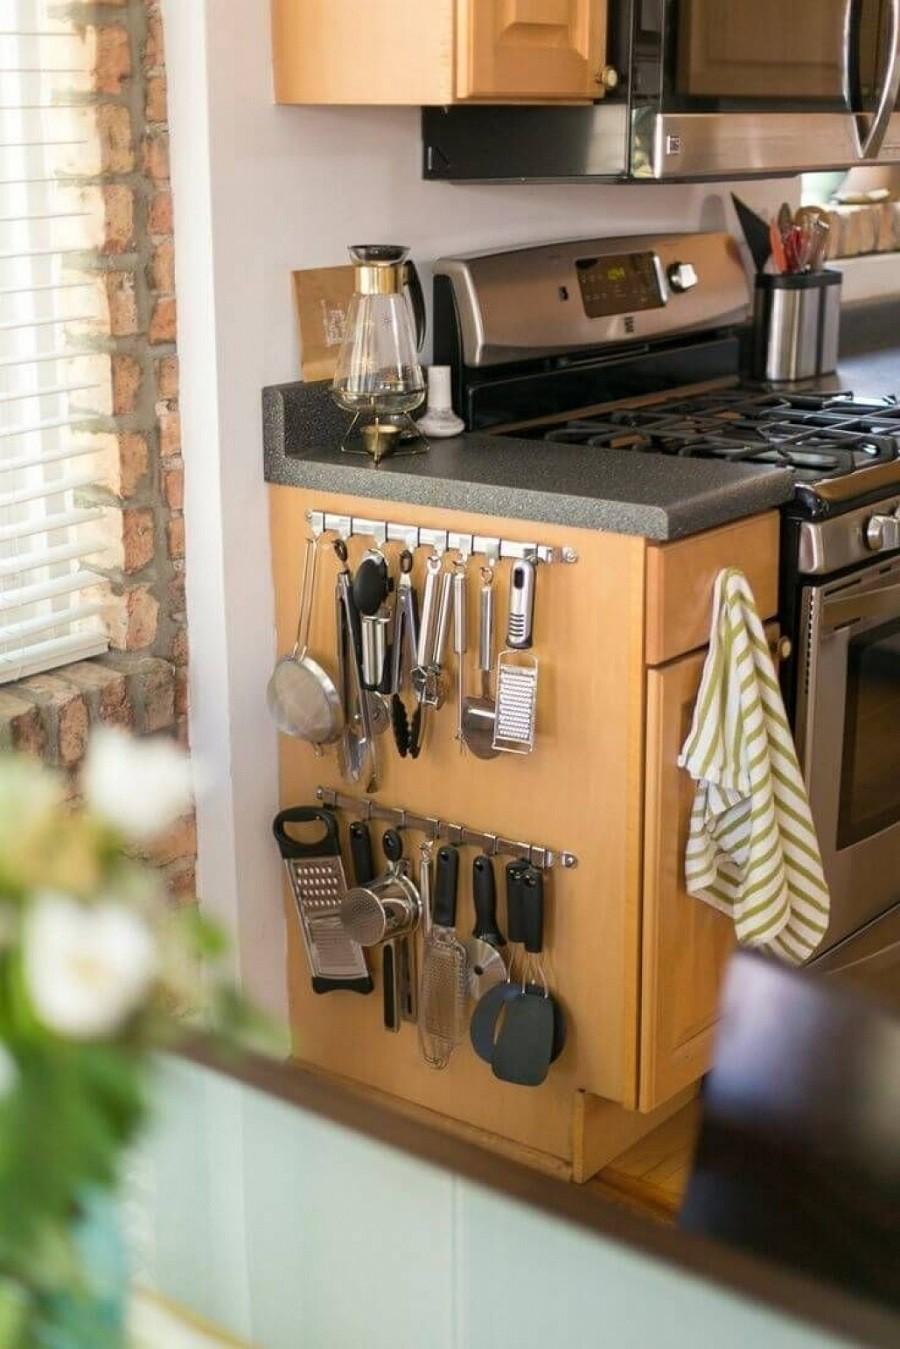 Muốn tủ bếp lúc nào cũng gọn gàng, ngăn nắp hãy tham khảo ngay những thiết kế lưu trữ đồ dùng làm bếp này - Ảnh 12.